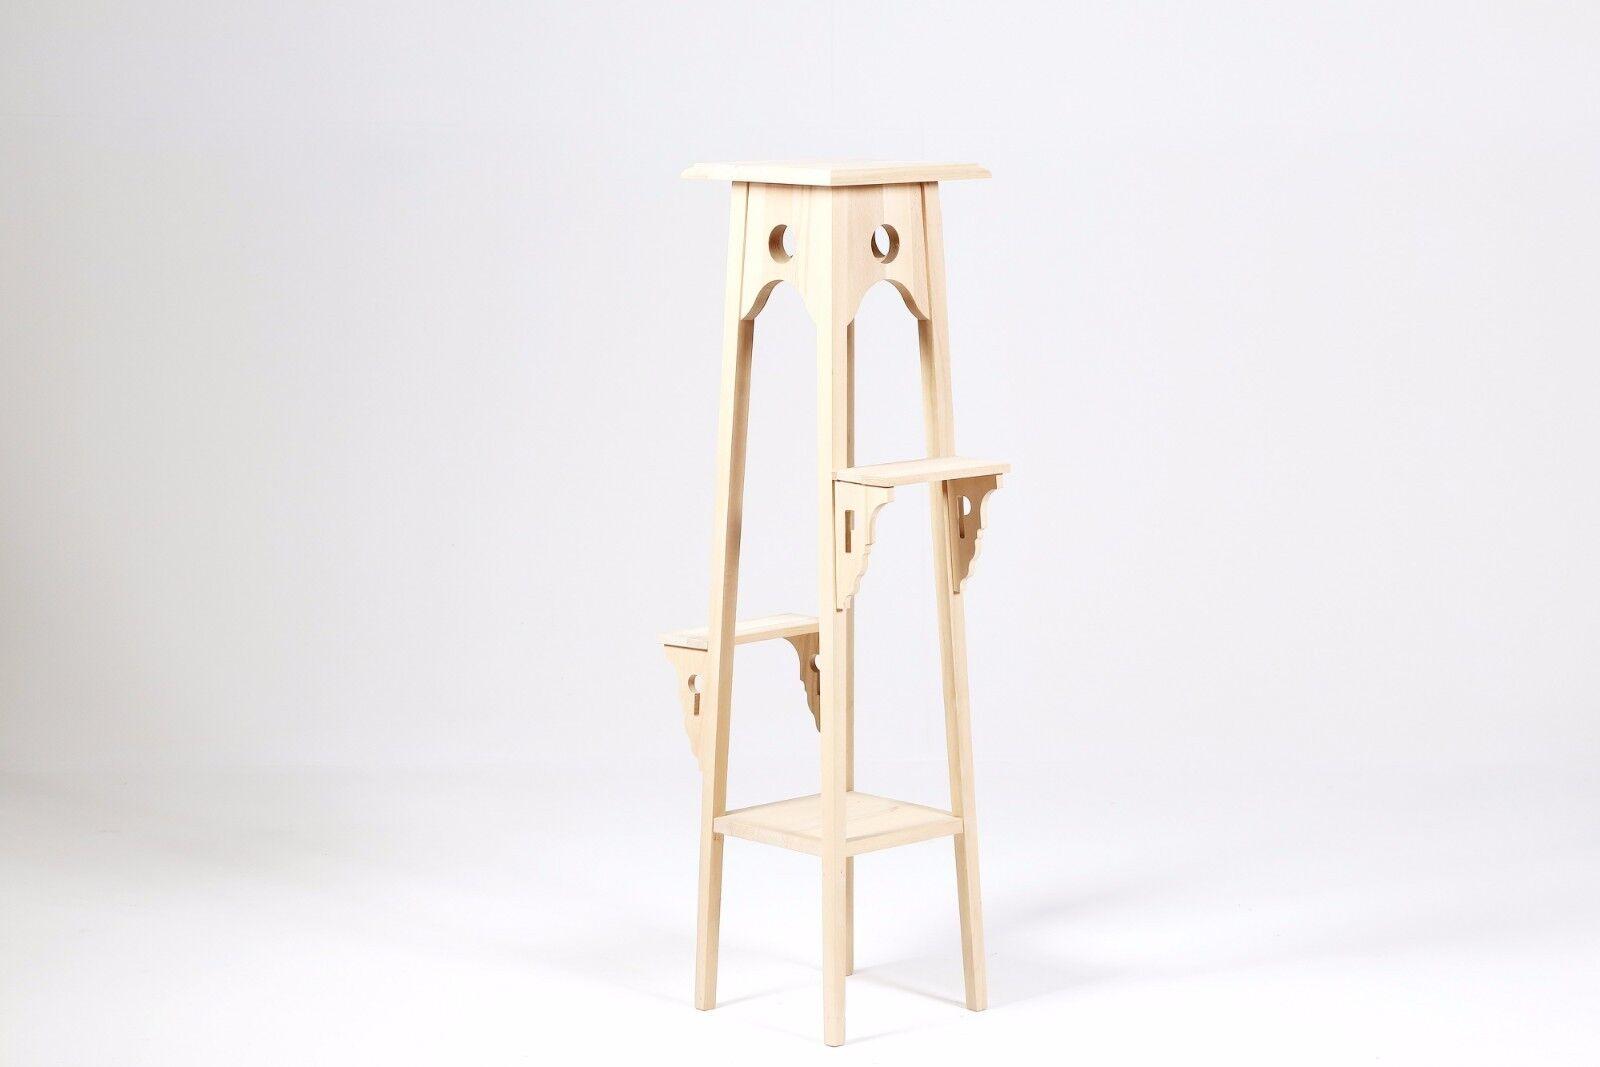 economico e alla moda Porta vaso in legno al grezzo da decorare cm cm cm 45x27 h 110 legno faggio New  100% nuovo di zecca con qualità originale